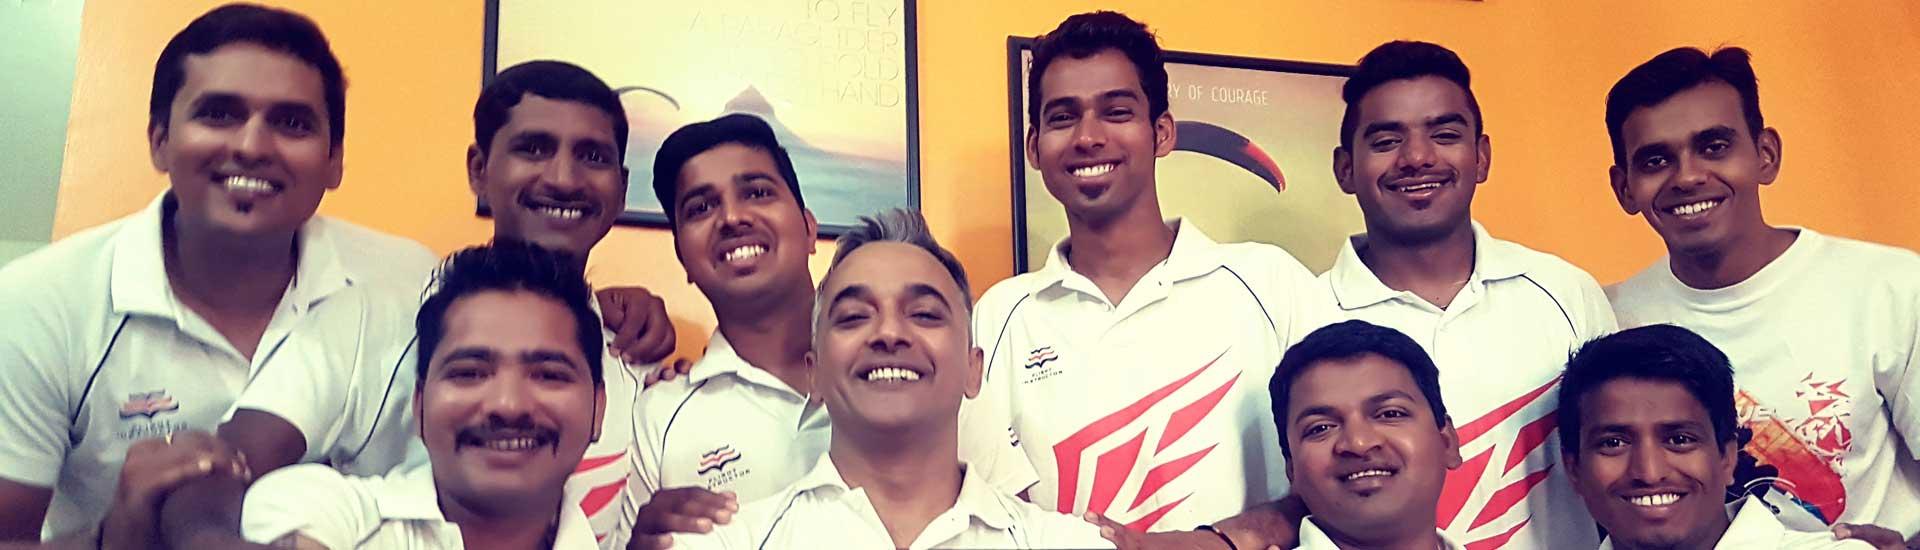 TemplePilots Paragliding Kamshet - Team